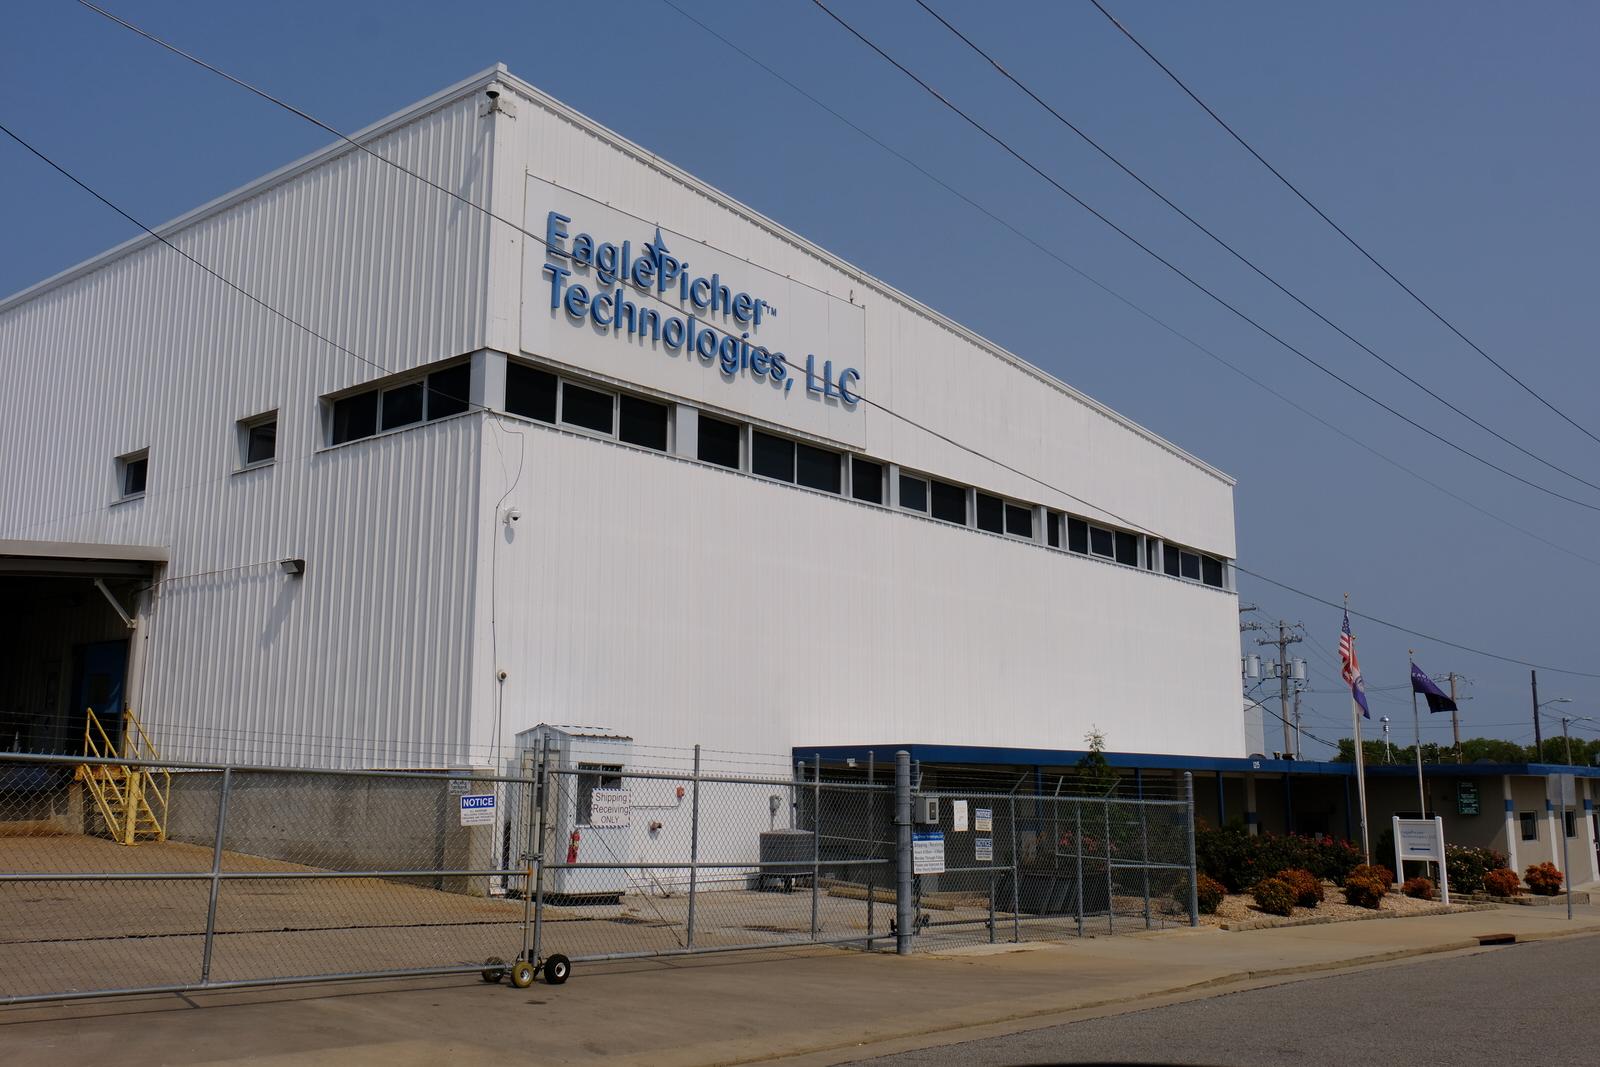 EaglePicher's corporate headquarters in Joplin, Missouri.